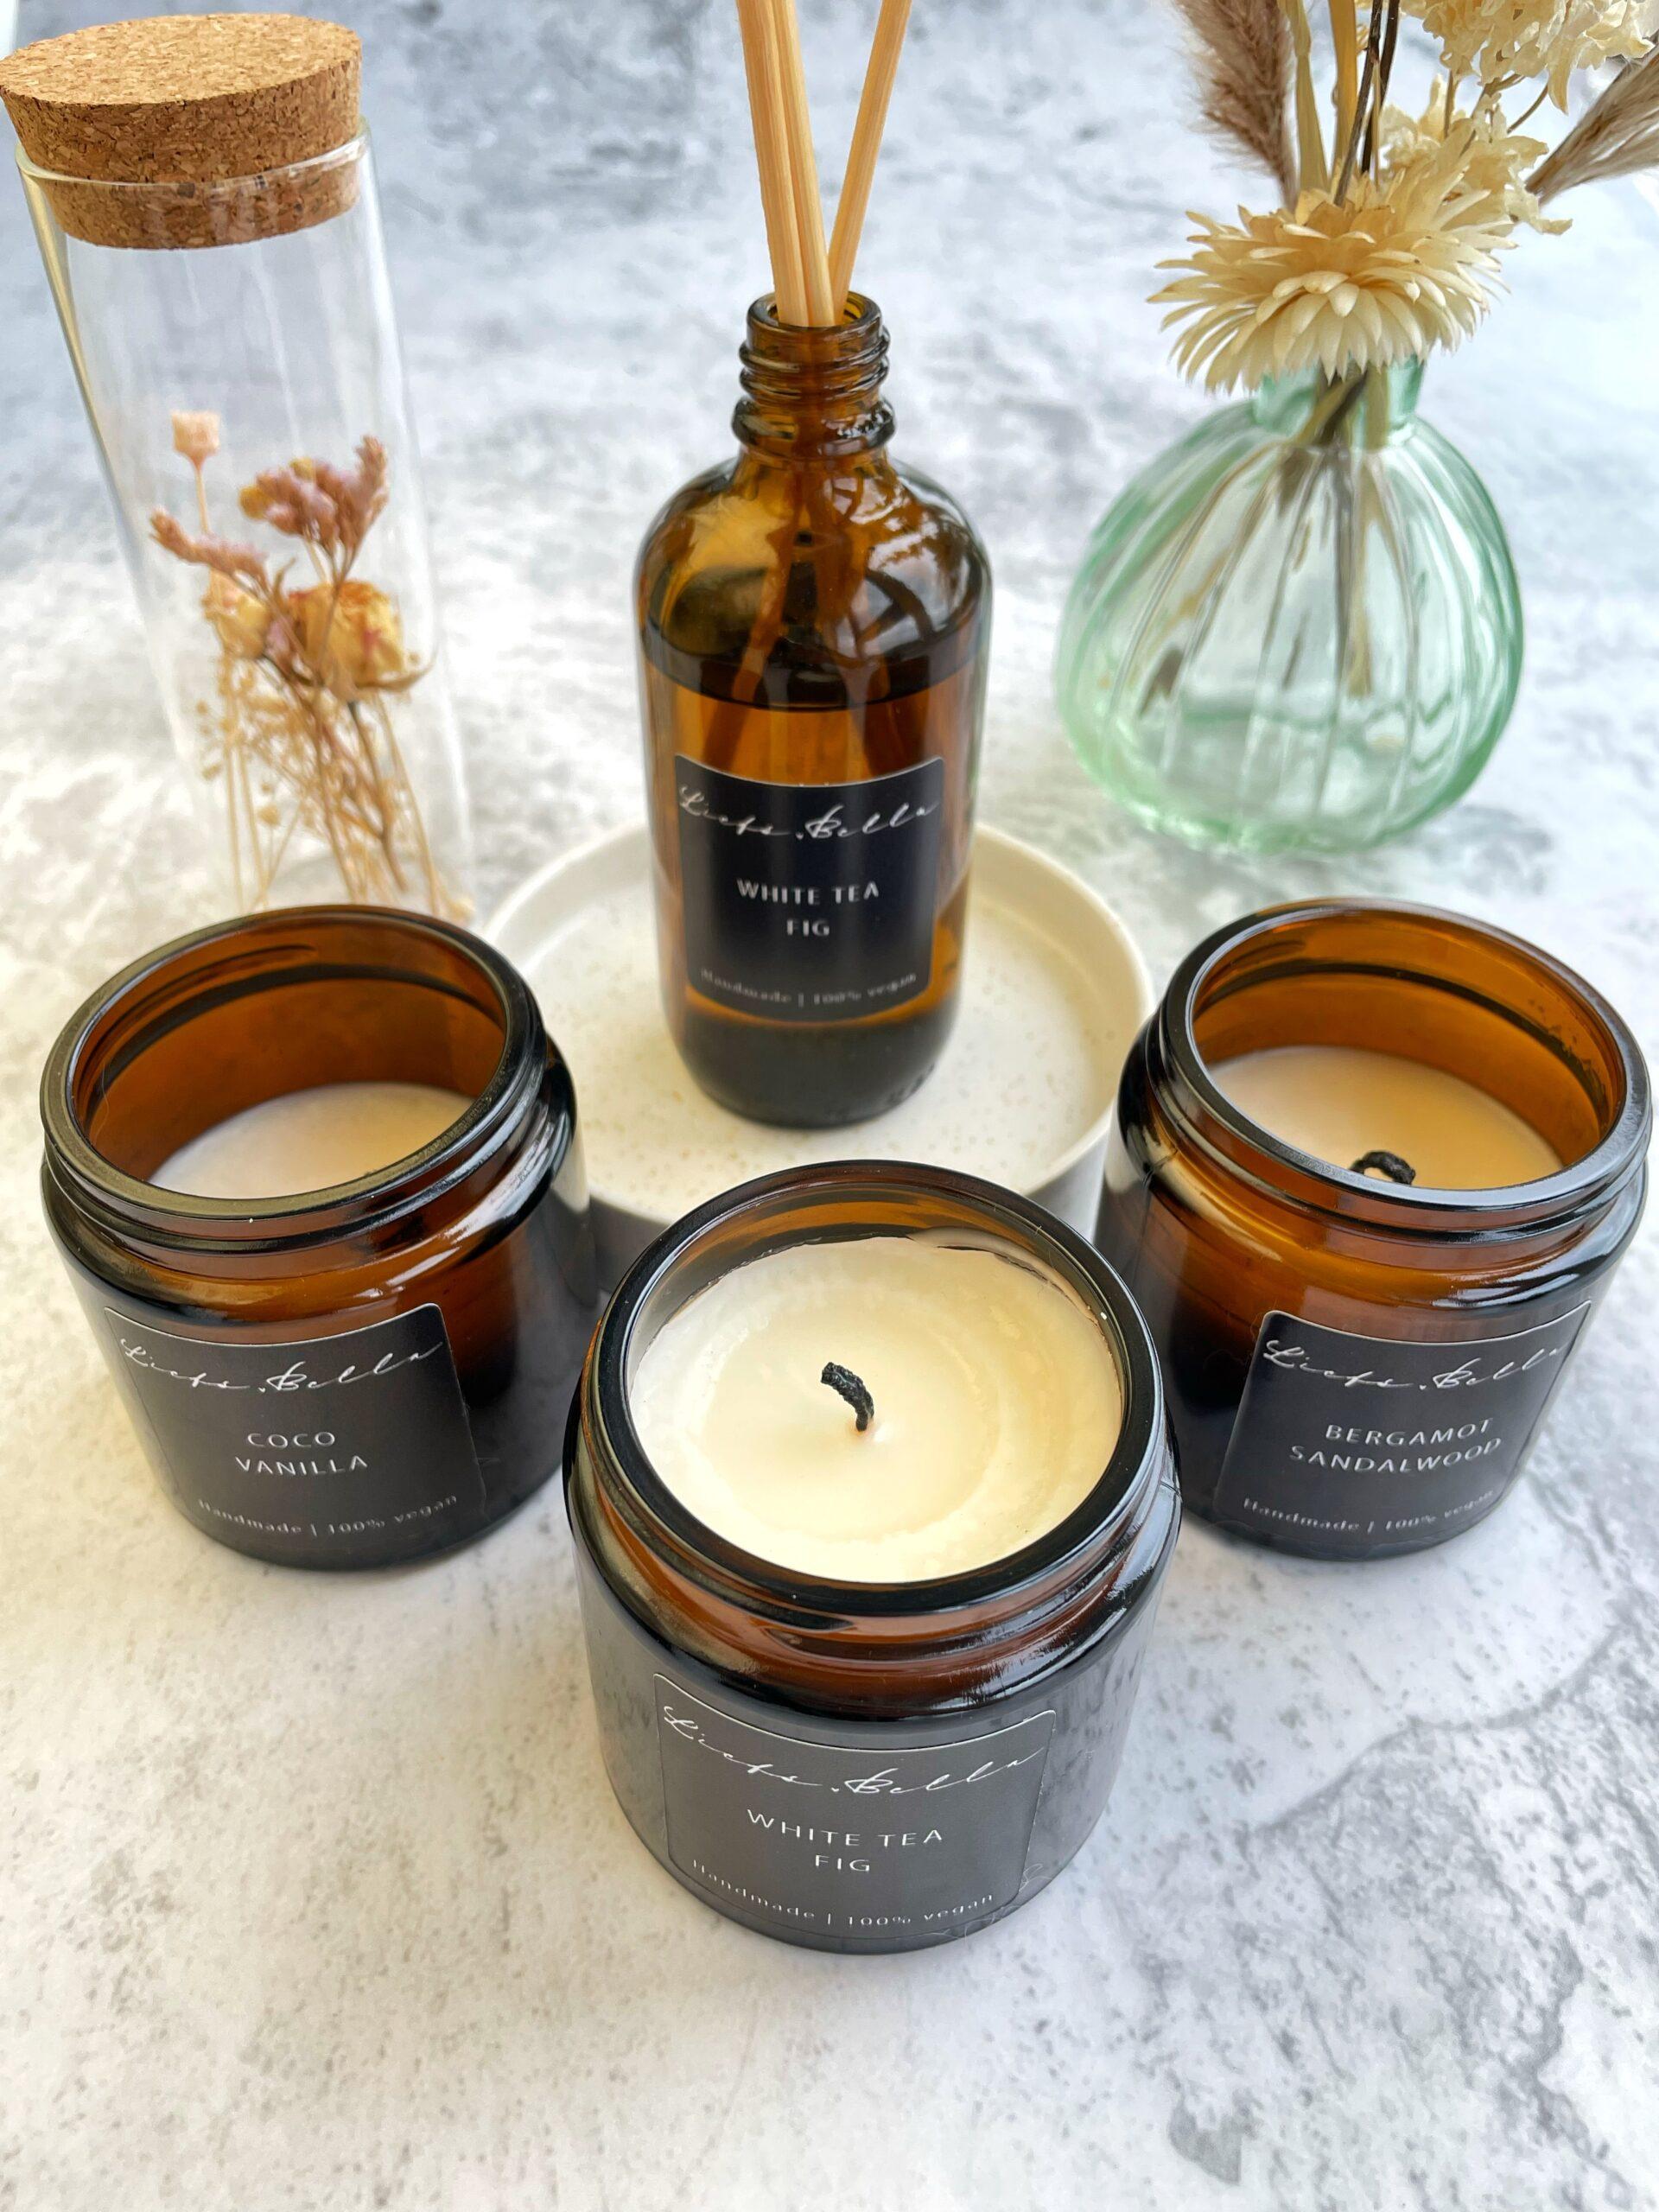 Liefs Bella producten zoals kaarsen en geurstokjes